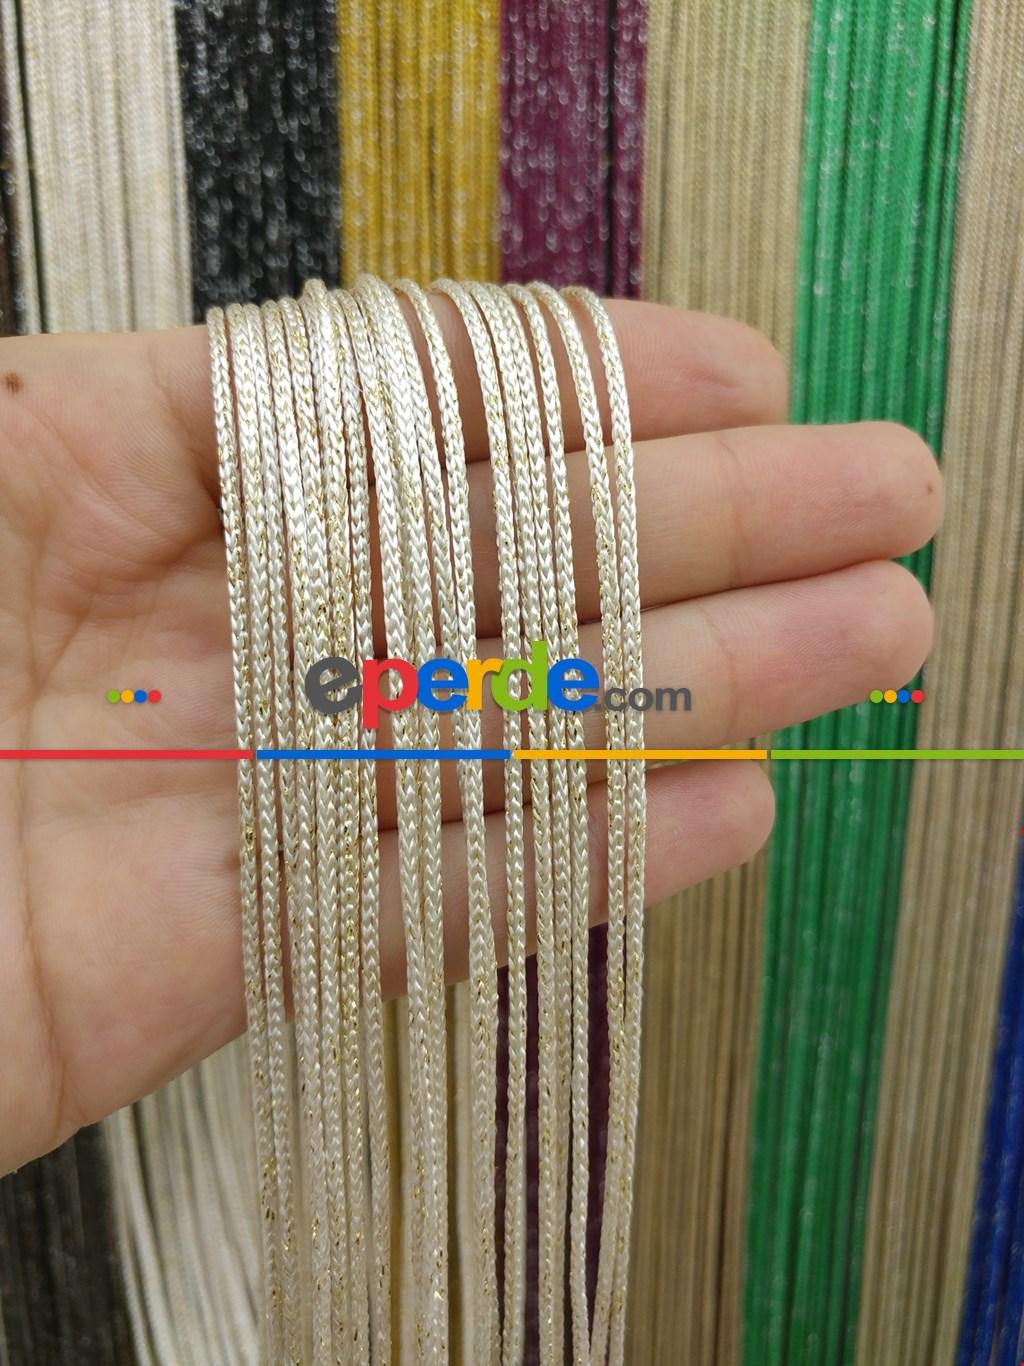 Beyaz Altın Rengi İp Perde Kalın Zincir Simli Serisi- Beyaz-altın